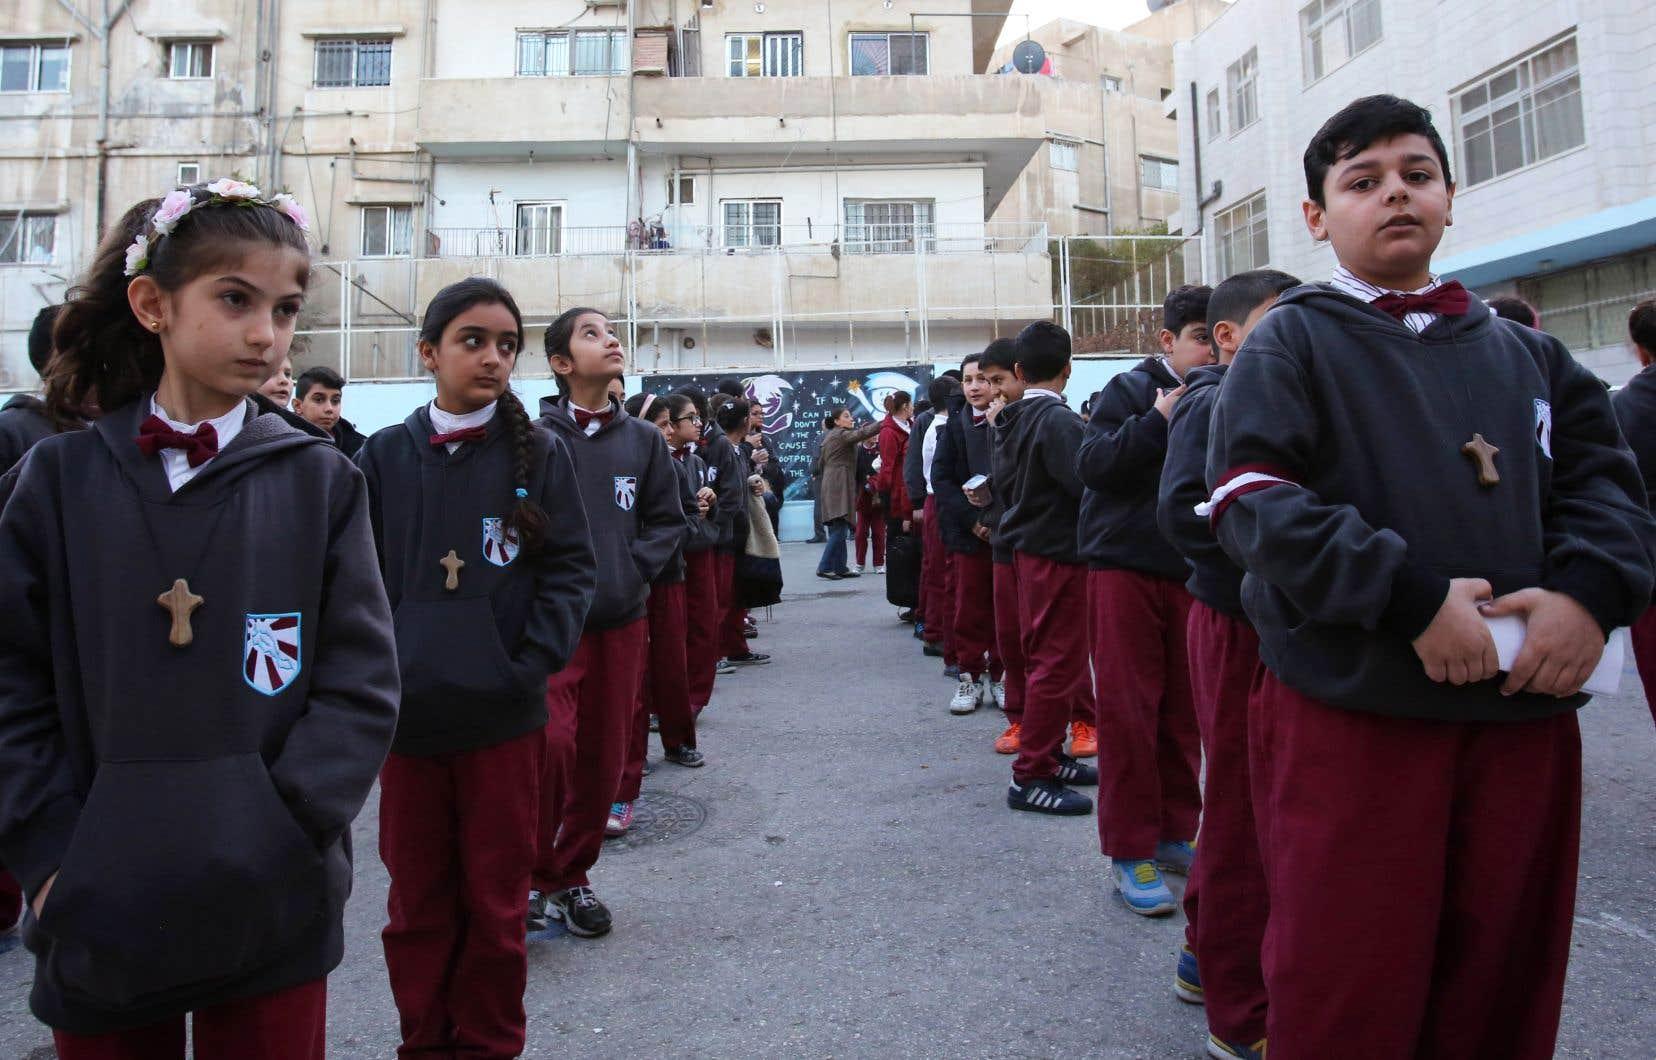 L'école de l'église latine de Marka, située dans l'est d'Amman, accueille environ 200 enfants chrétiens de la région de Mossoul, âgés de 6 à 14ans.